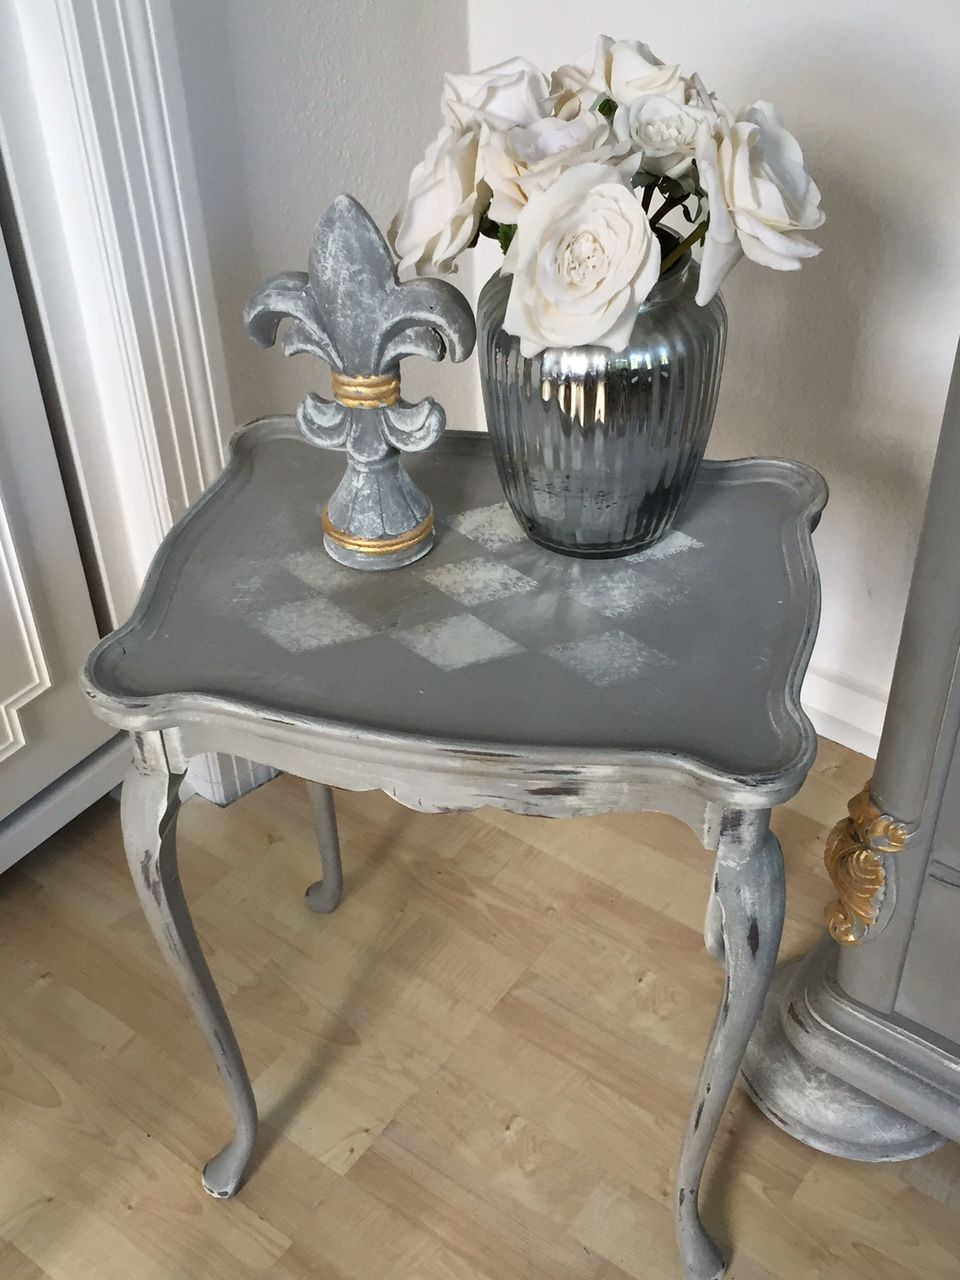 Charmant Beistelltisch Tisch Tischchen Shabby Chic Vintage Antik Grau Weiß Raute DIY  Kreidefarbe Harvestehude Hamburg The Vintage